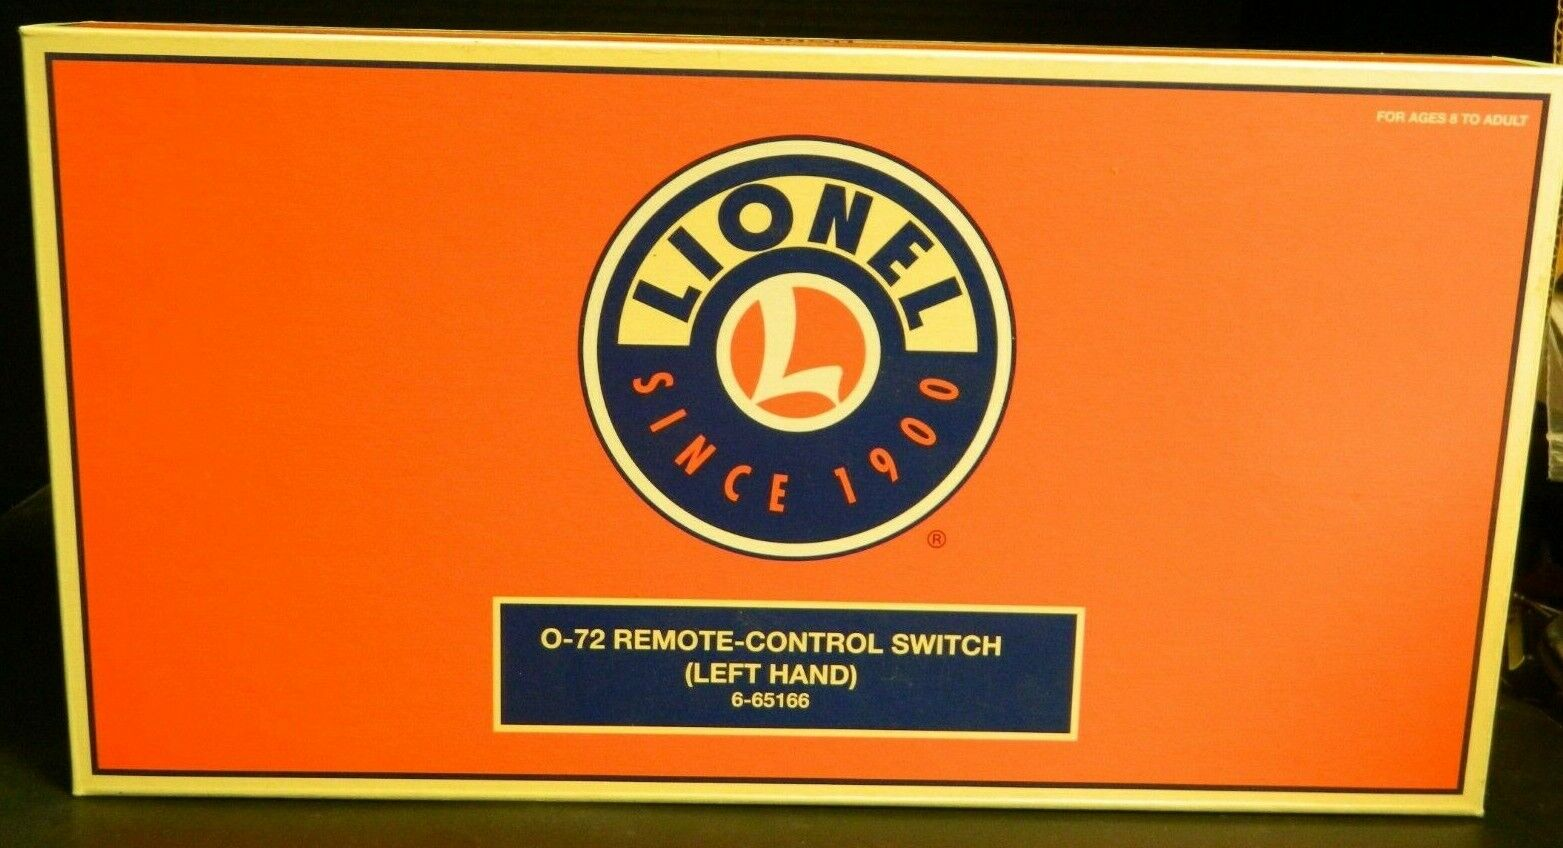 Lionel O-72 o escala Interruptor de control remoto de mano izquierda 6-65166 en Caja Orig. muy Bueno-ex